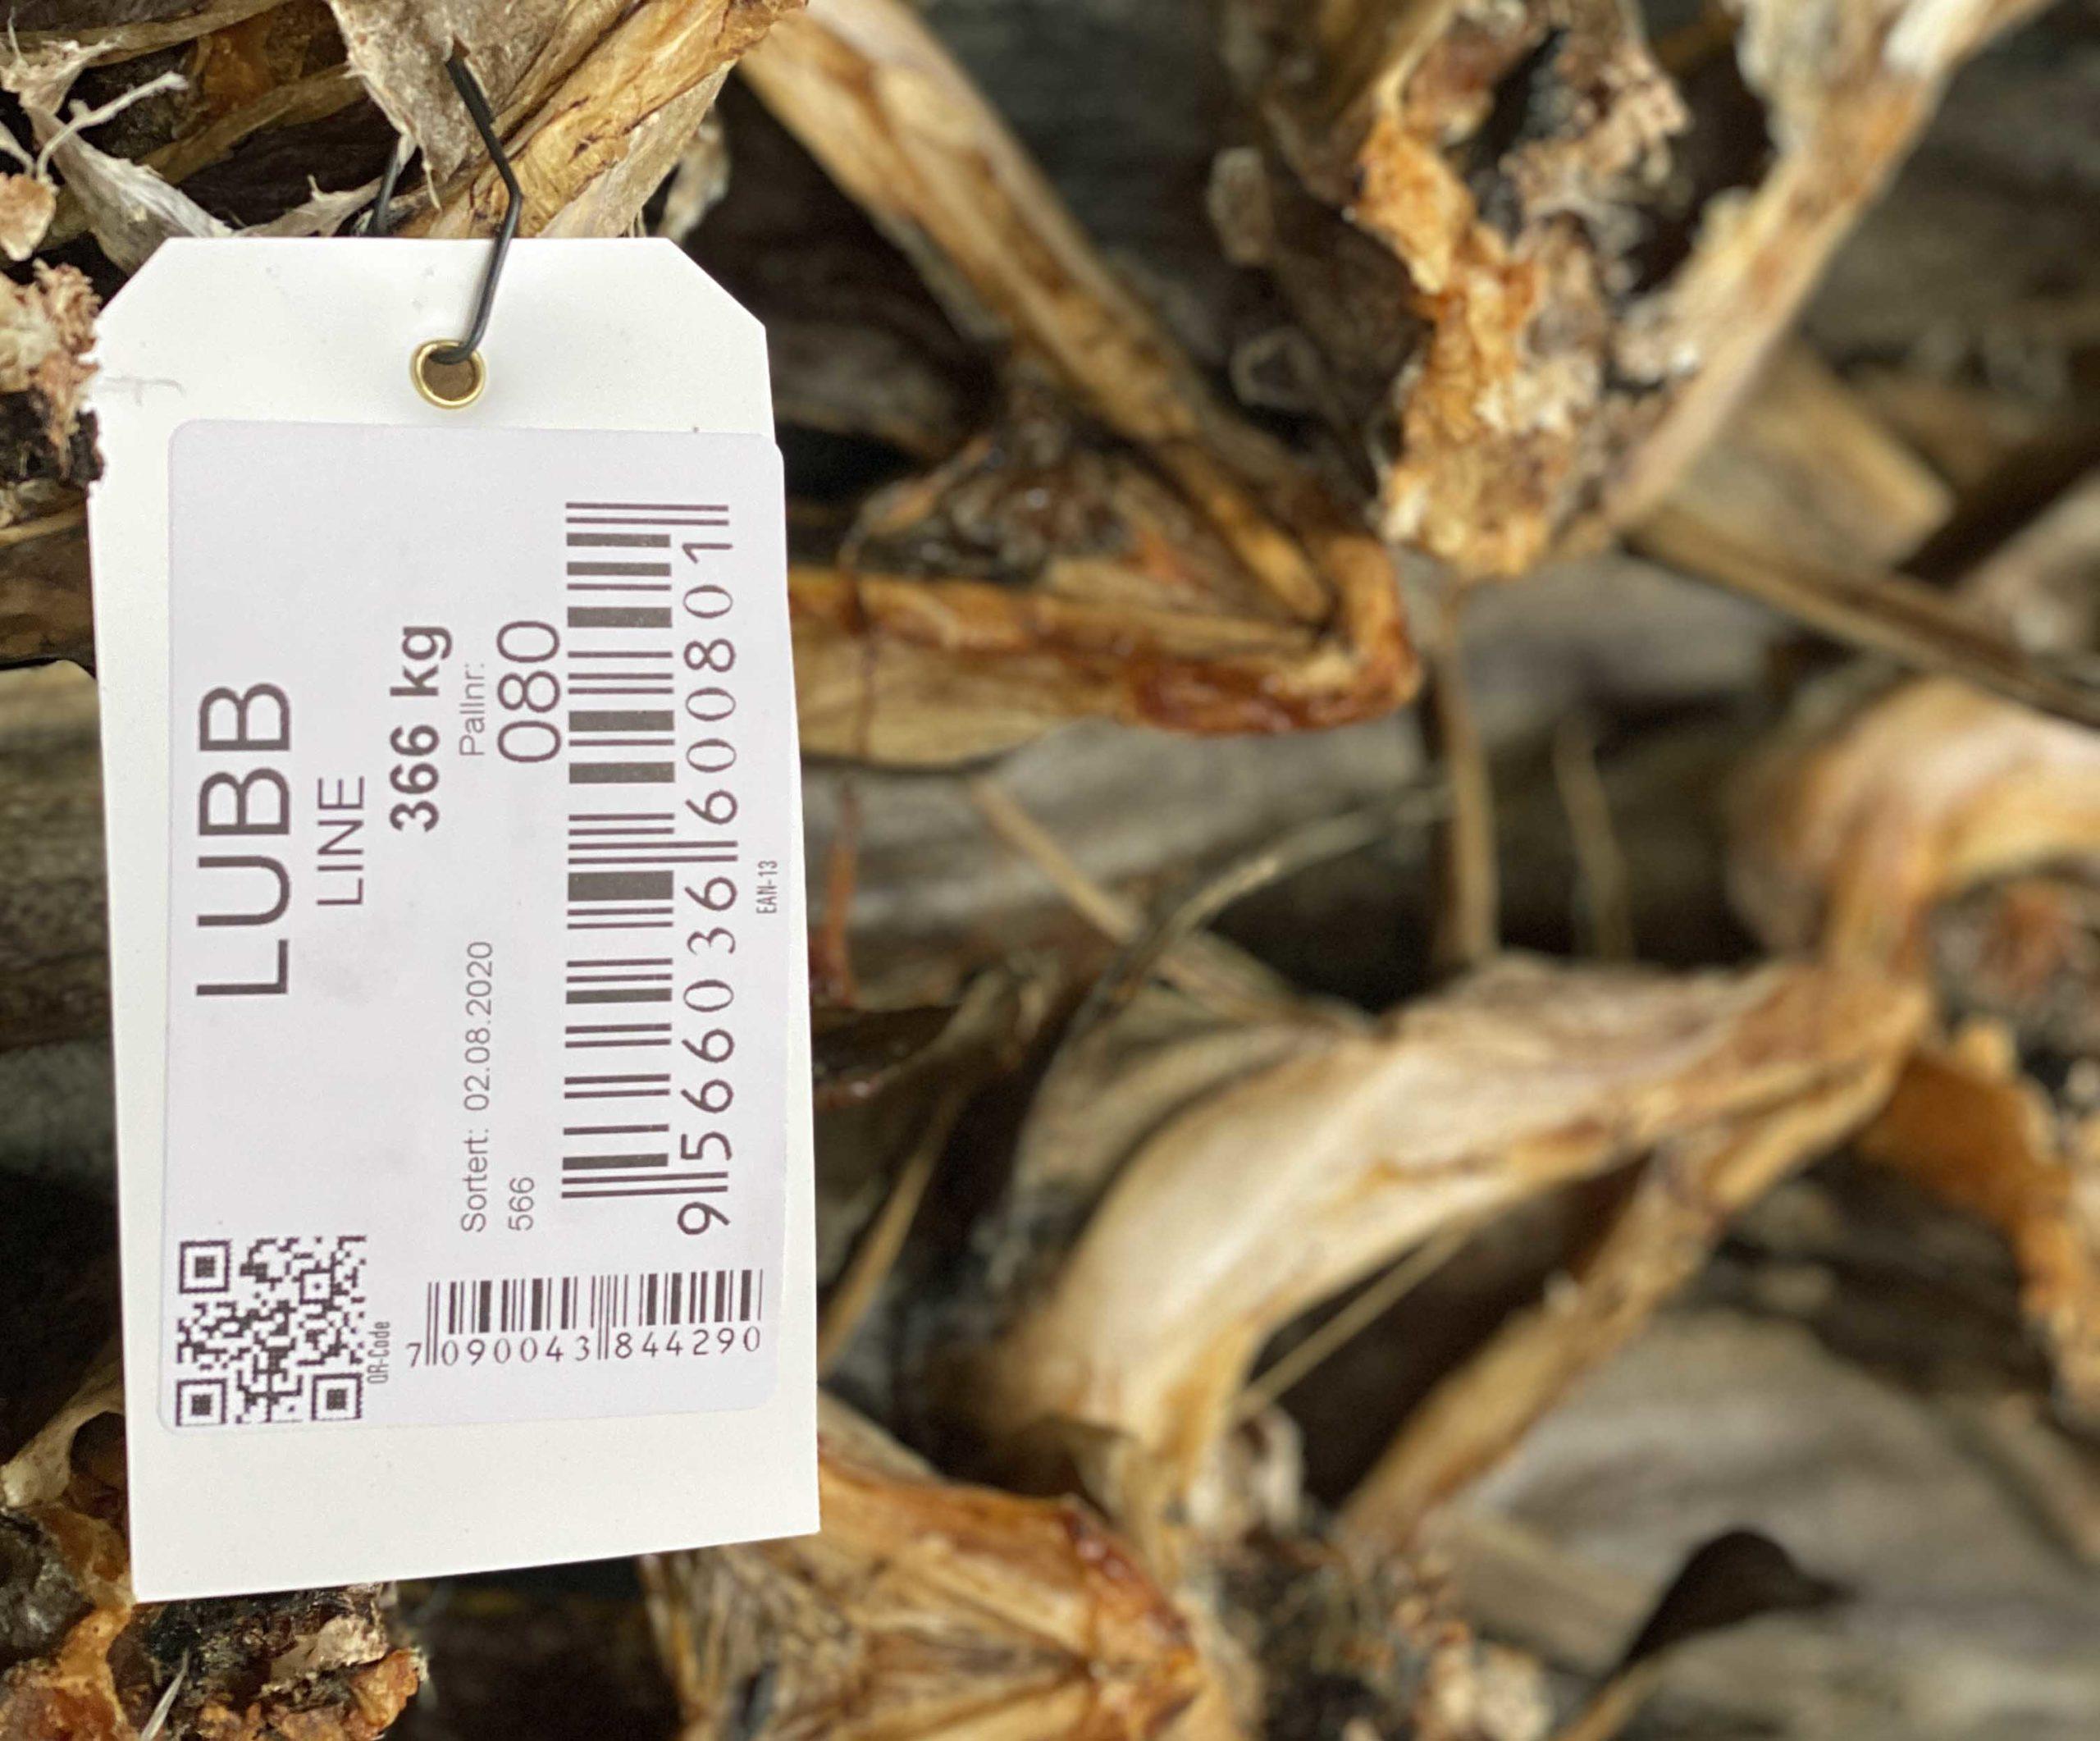 Merkingen bestemmer hvilken pris kundene er villige til å betale for tørrfisken.